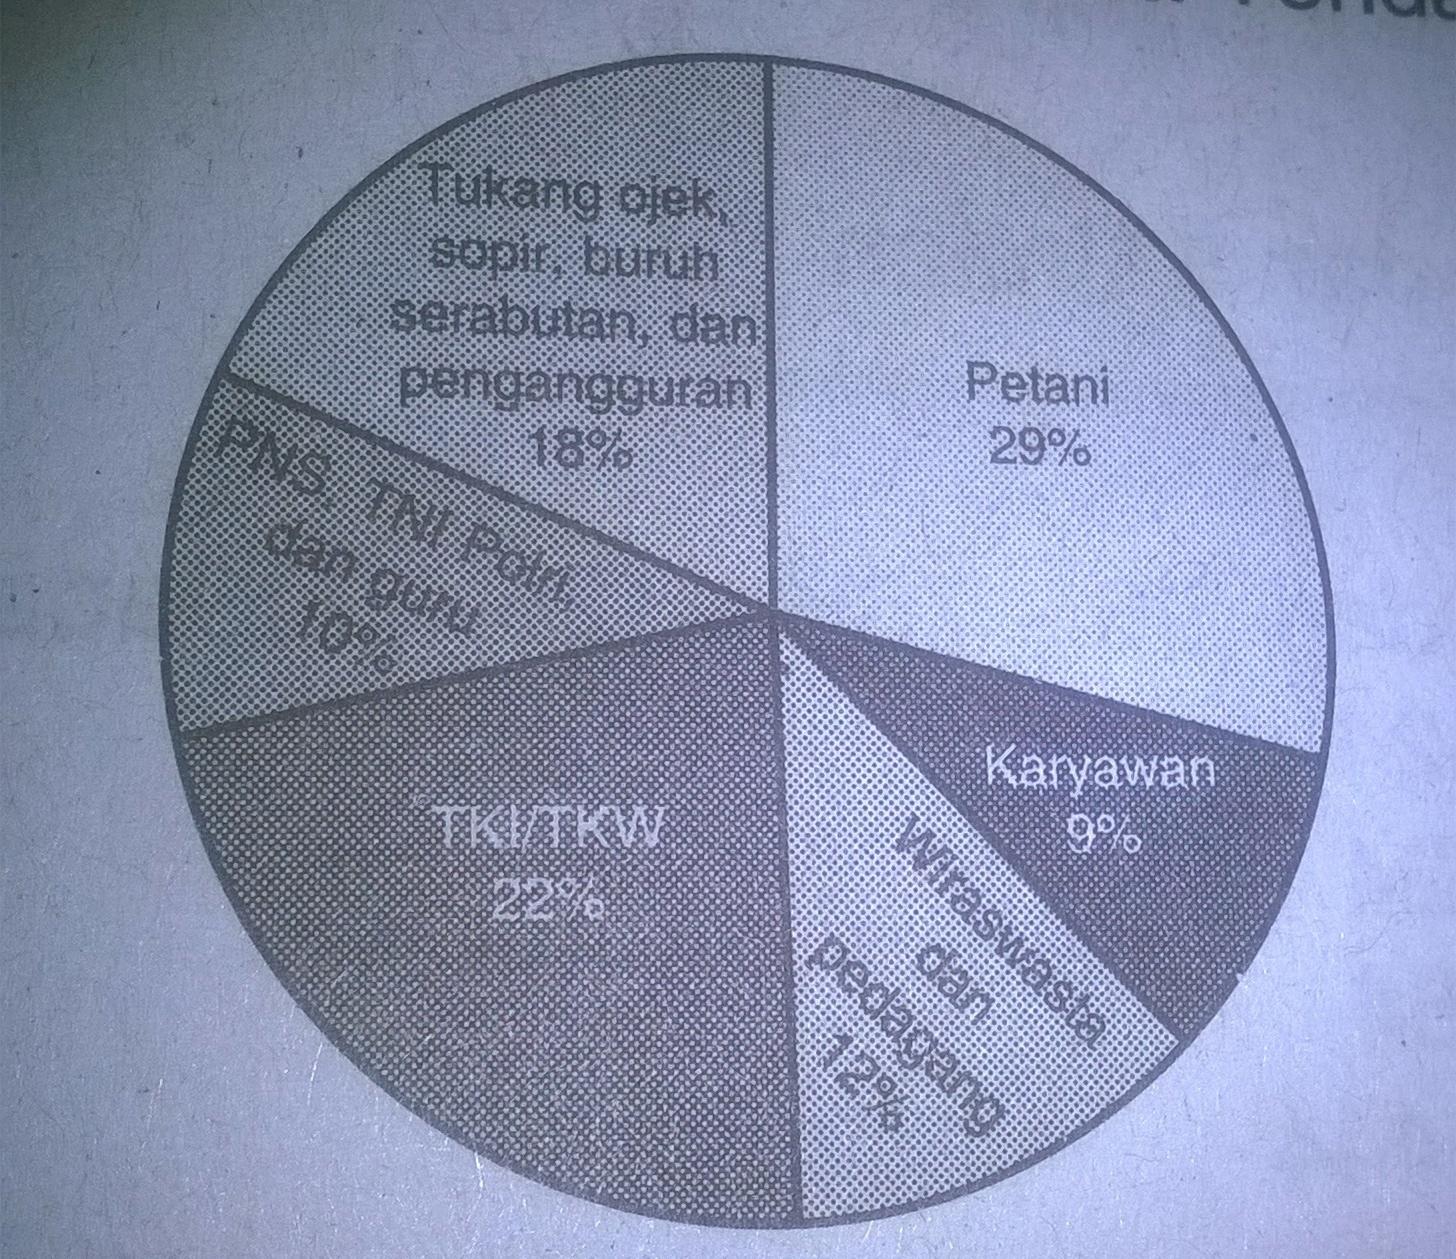 Perhatikan Diagram Lingkaran Tentang Mata Pencaharian Penduduk Di